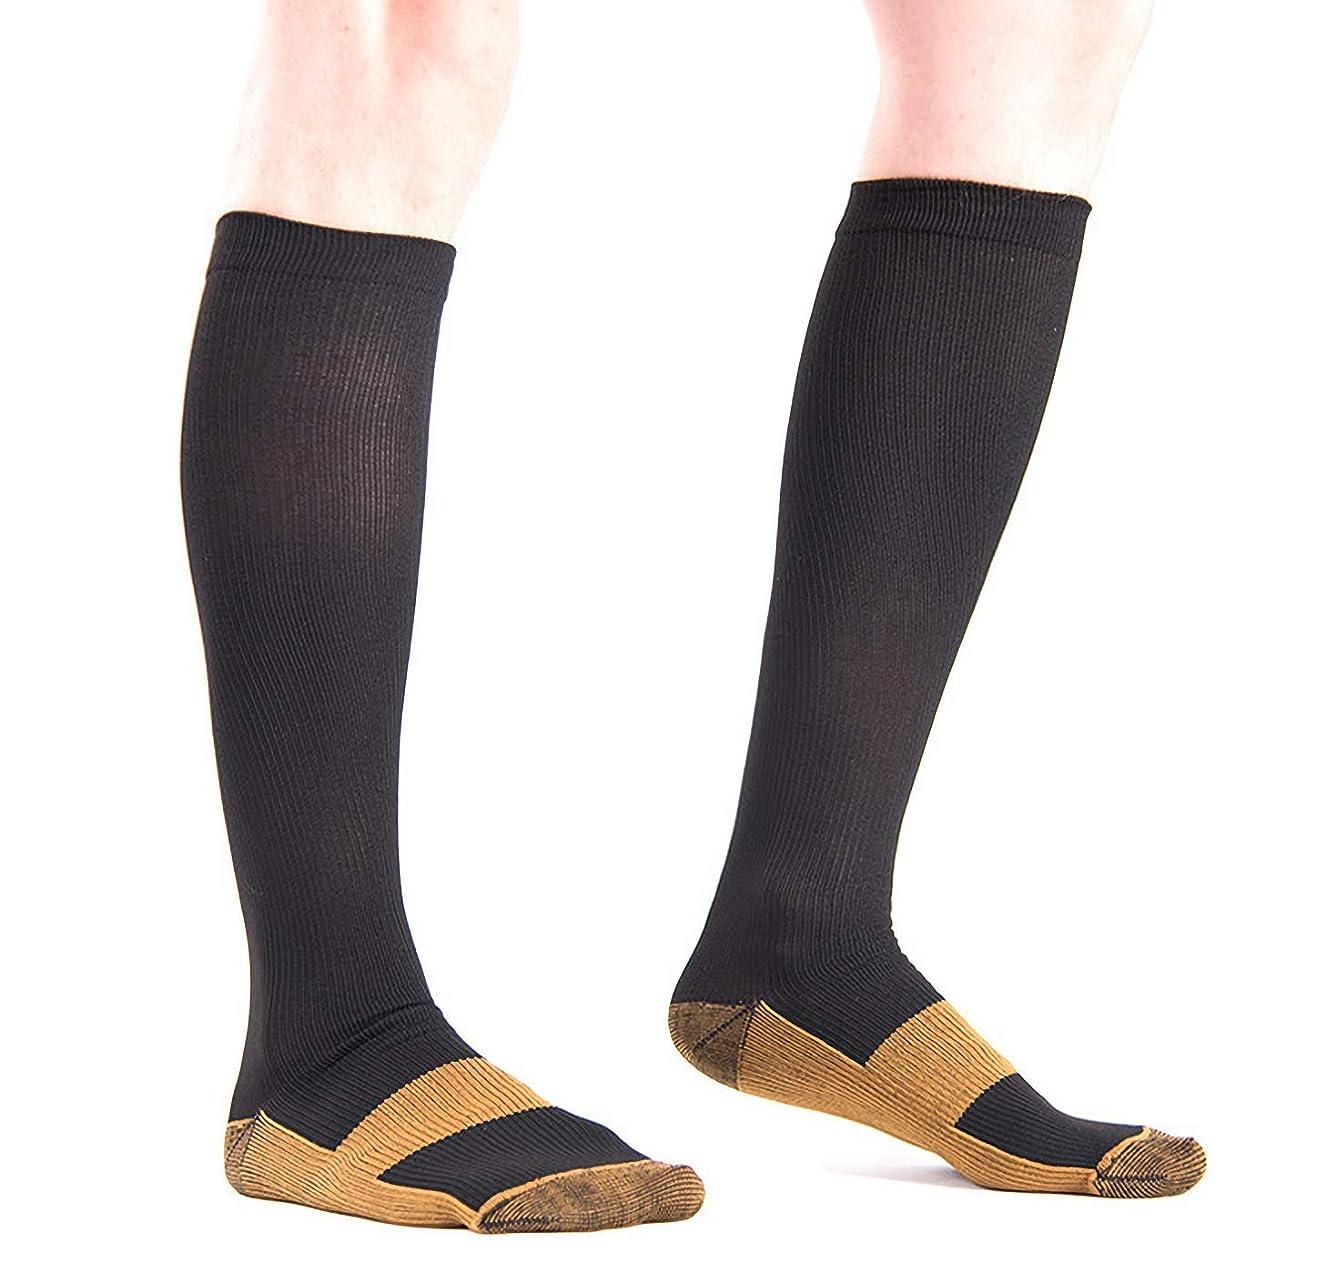 参照ペルメル帝国着圧ソックス 銅圧縮 コンプレッションソックス 膝下 抗疲労 男女兼用ユニセックス (S/M, ブラック)